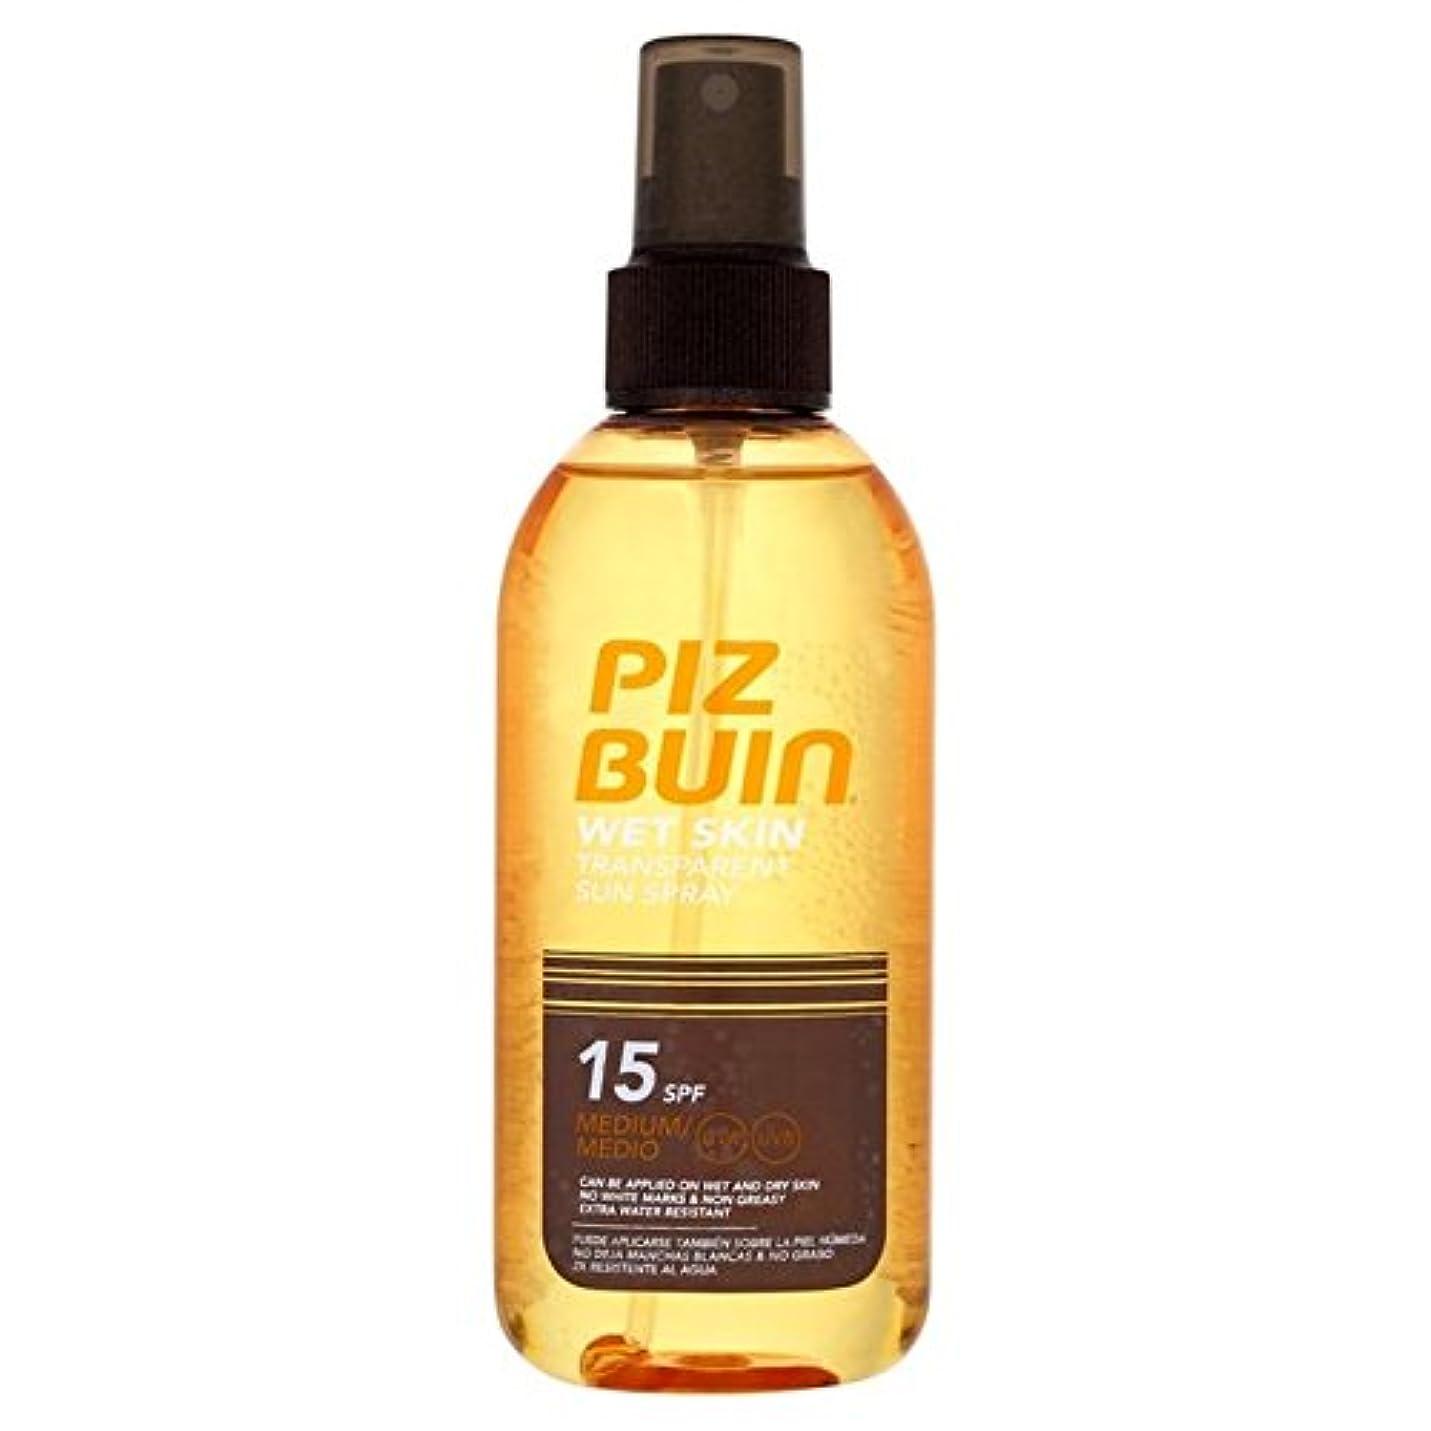 わかる不規則な補体Piz Buin Wet Transparent Skin SPF15 150ml (Pack of 6) - ピッツブーインの湿った透明肌15の150ミリリットル x6 [並行輸入品]